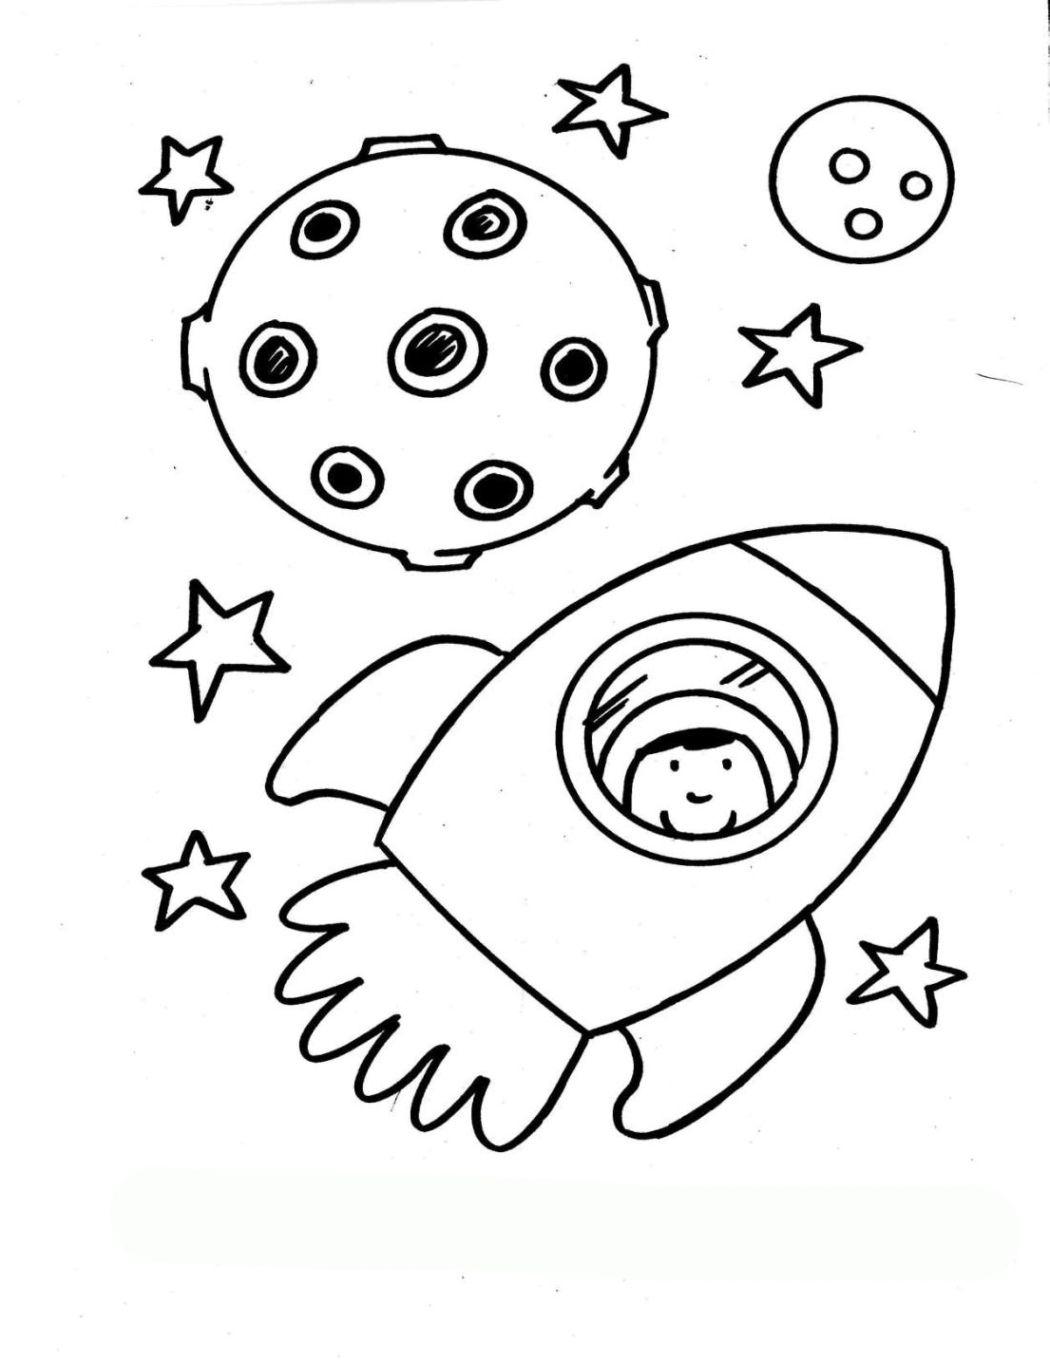 rakete malvorlage  kinderbilderdownload  kinderbilder